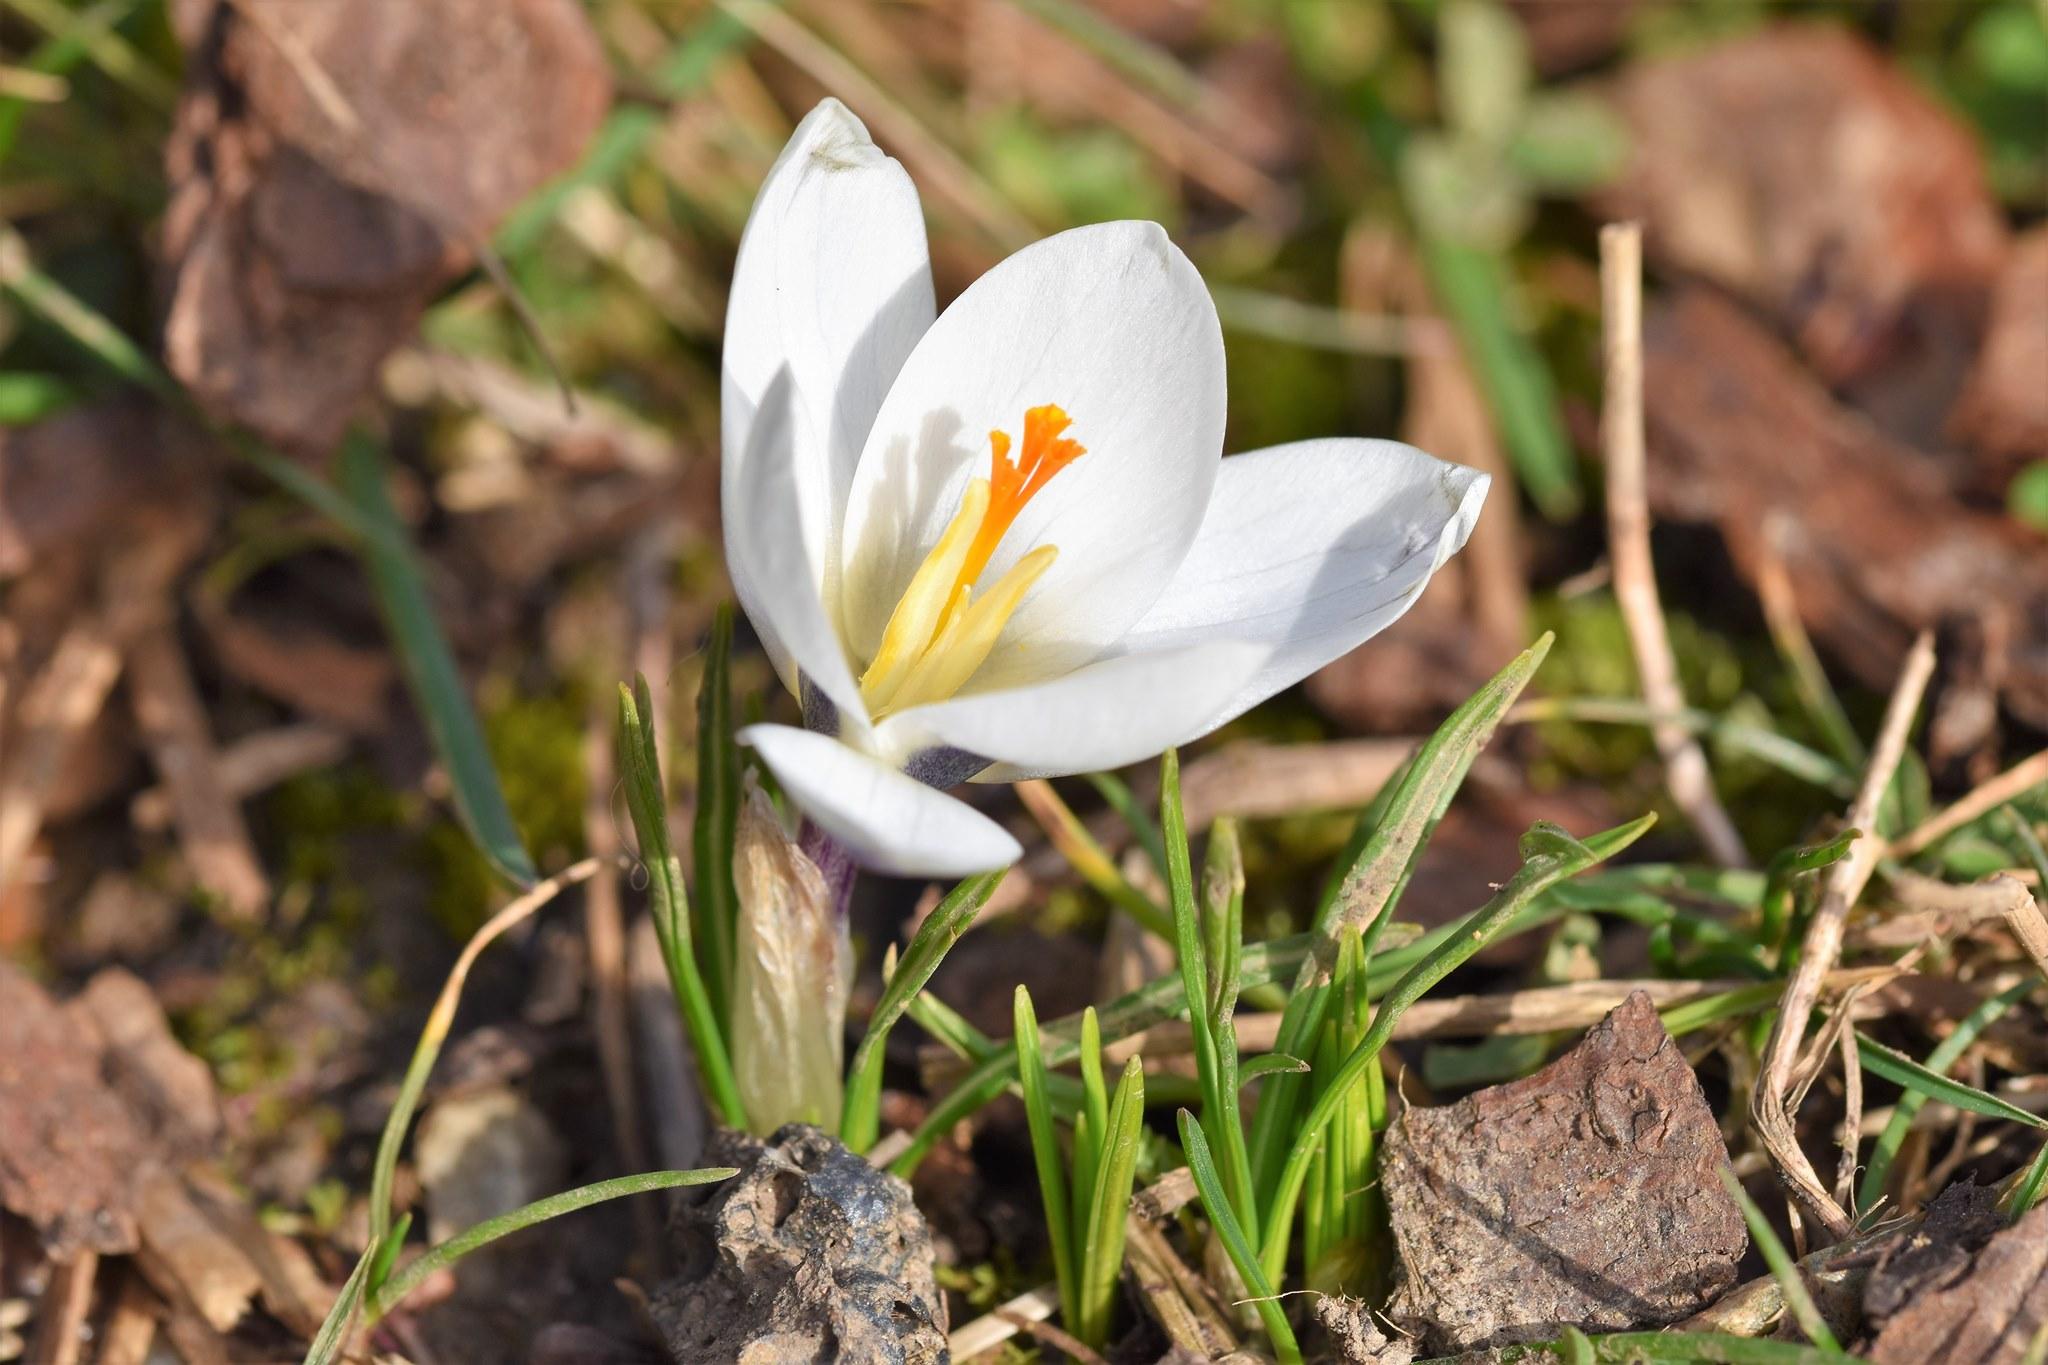 Darstellung einer weißen Krokusblüte